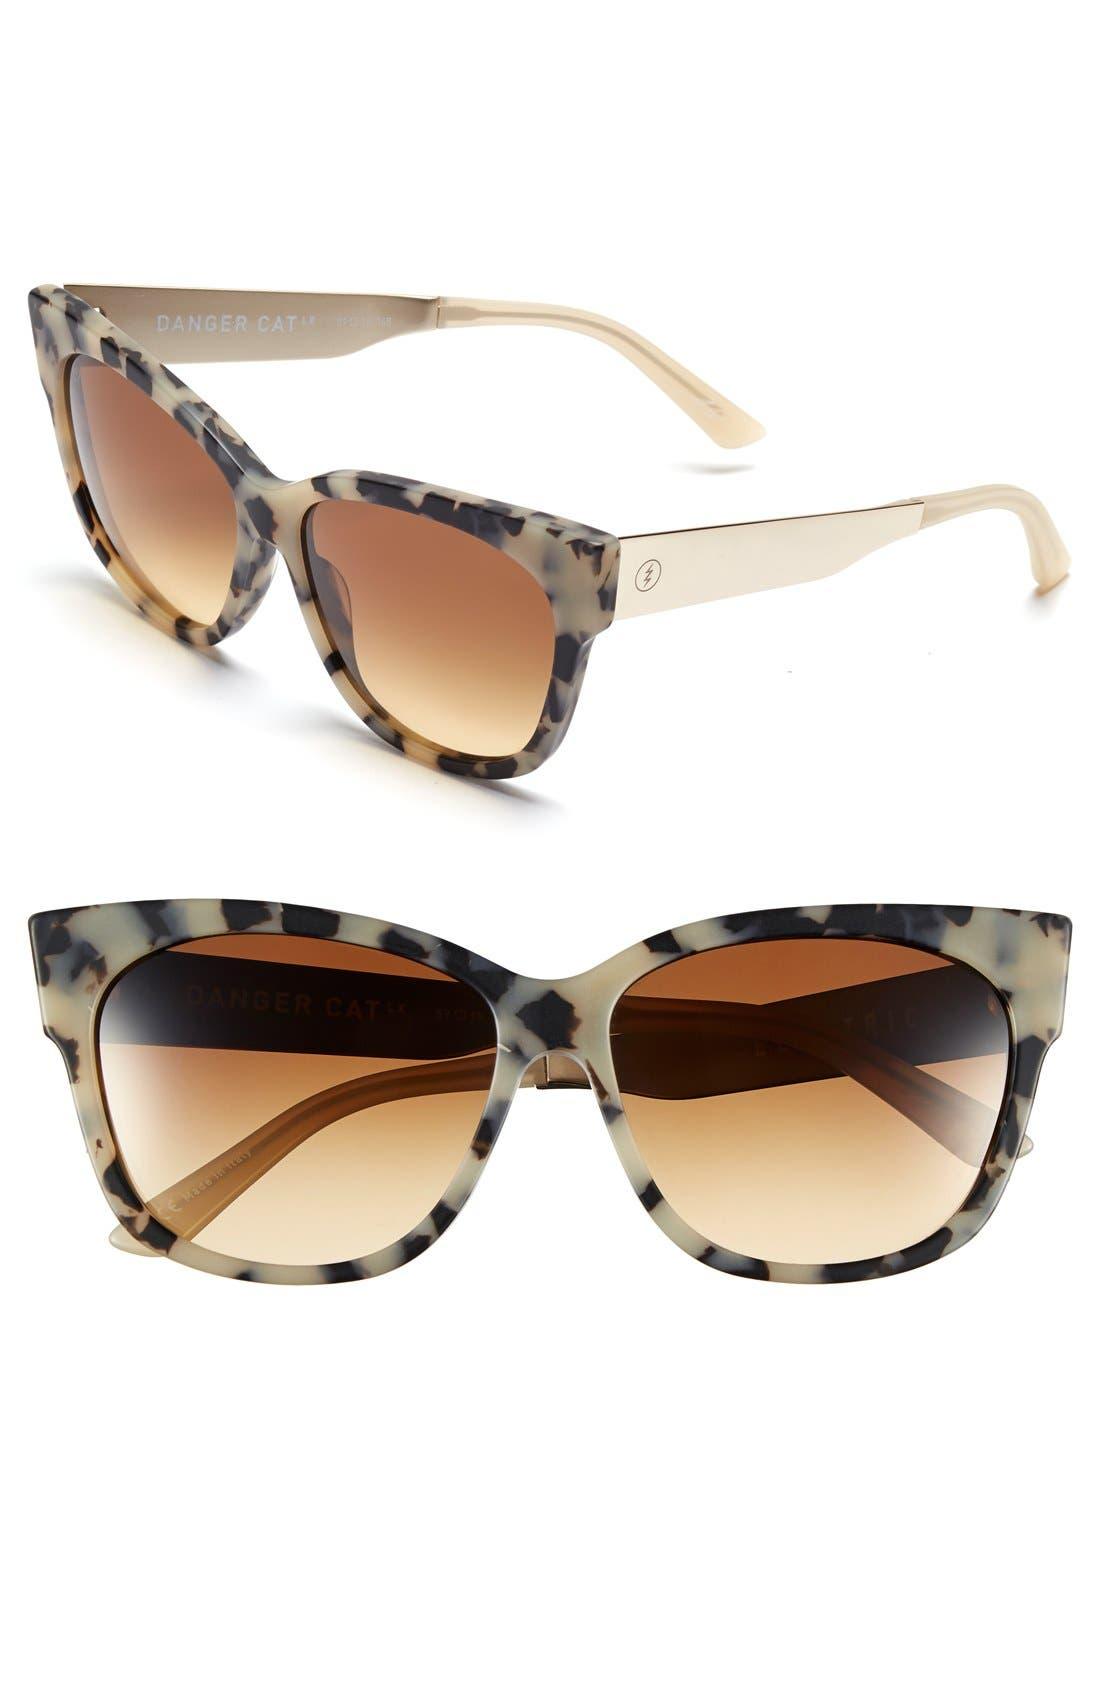 ELECTRIC Danger Cat LX 59mm Cat Eye Sunglasses